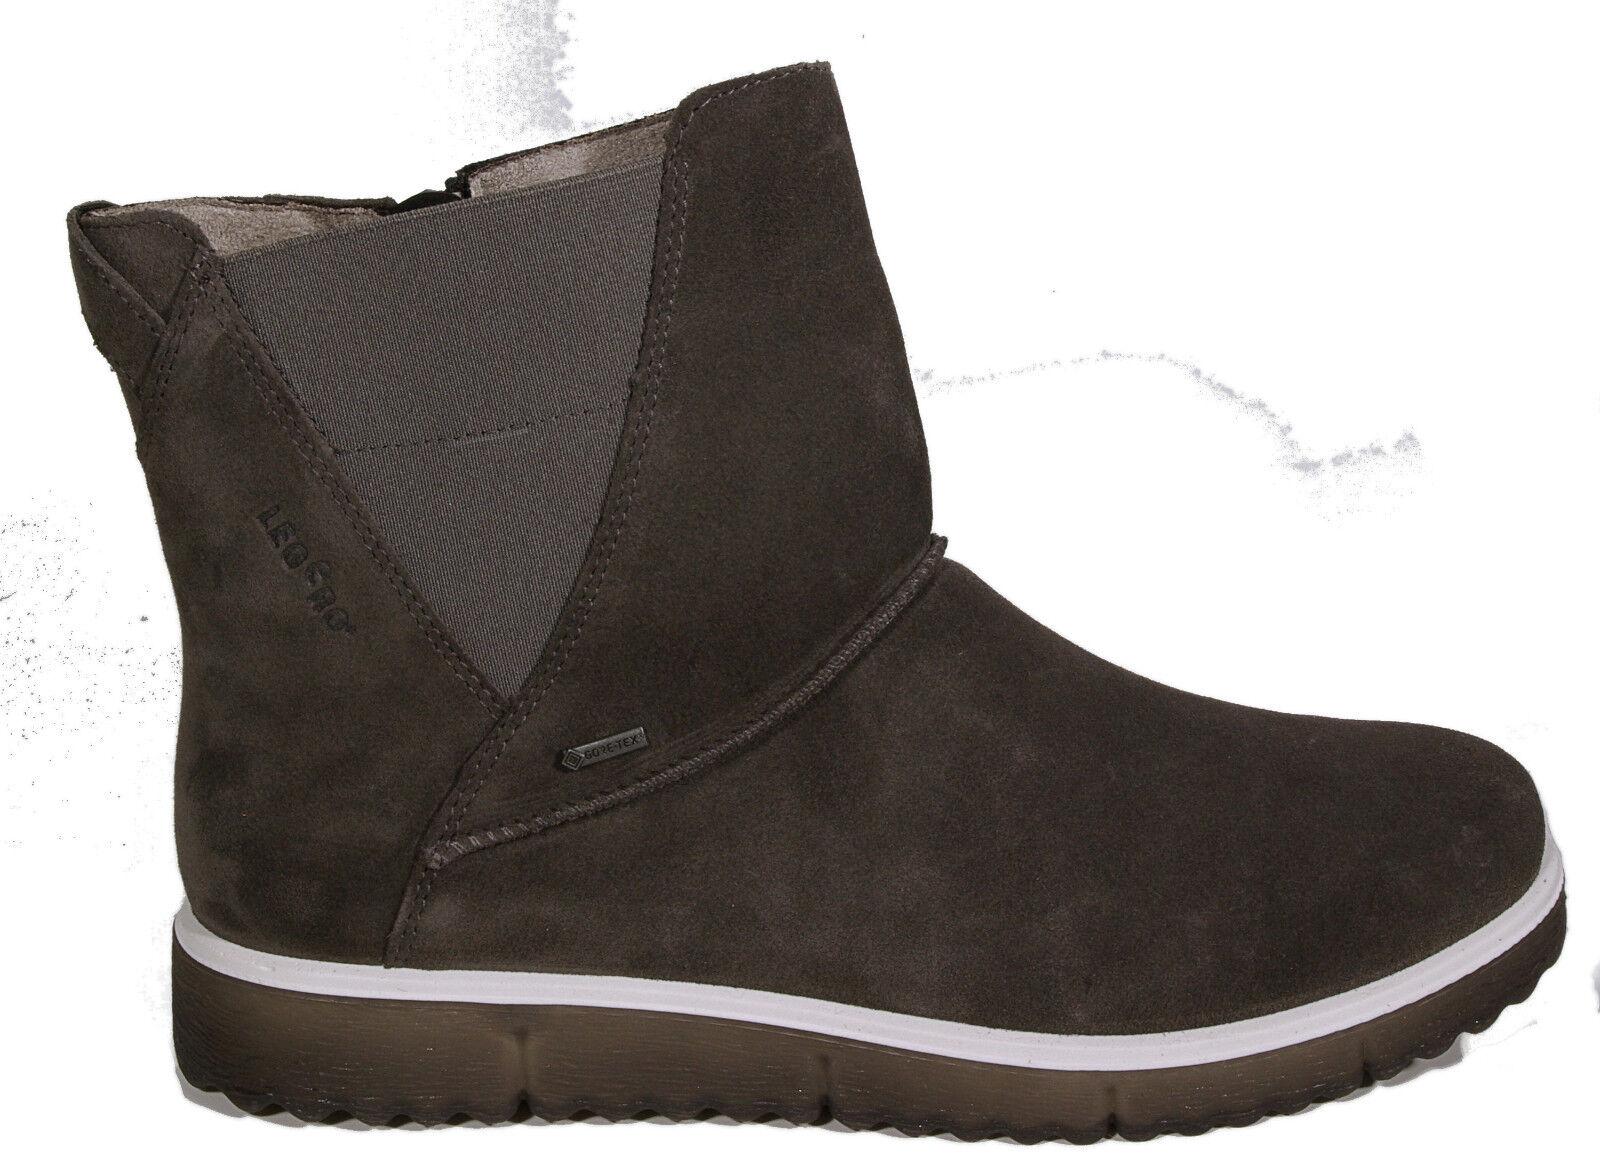 stövlar Ankle Boot grå läder Gore Tex Värme Lining Zip ny